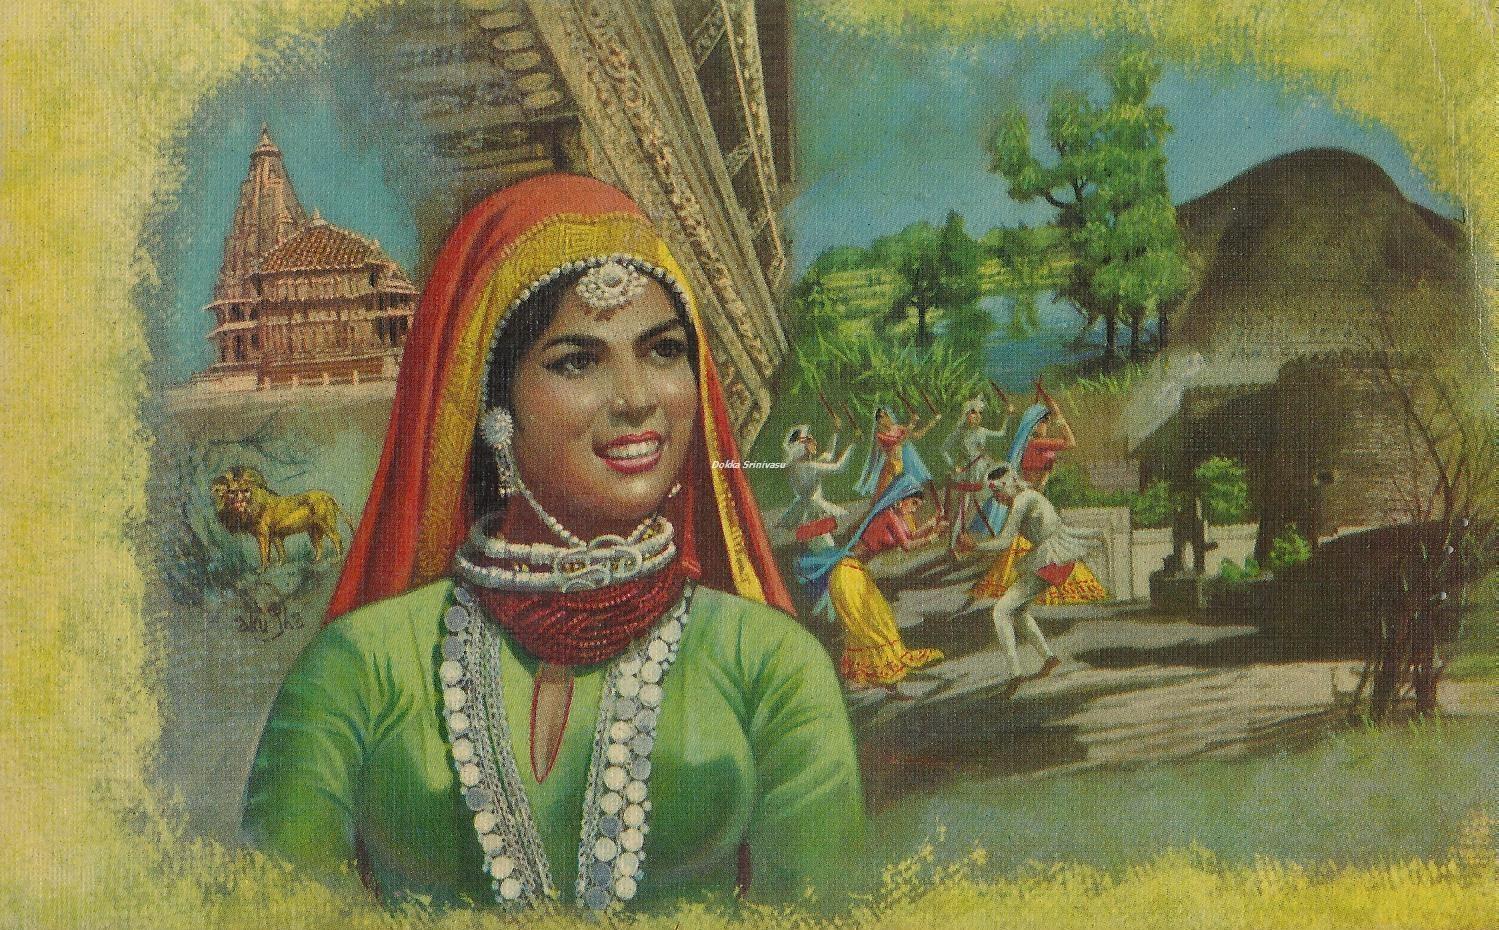 gujarat culture and art relationship